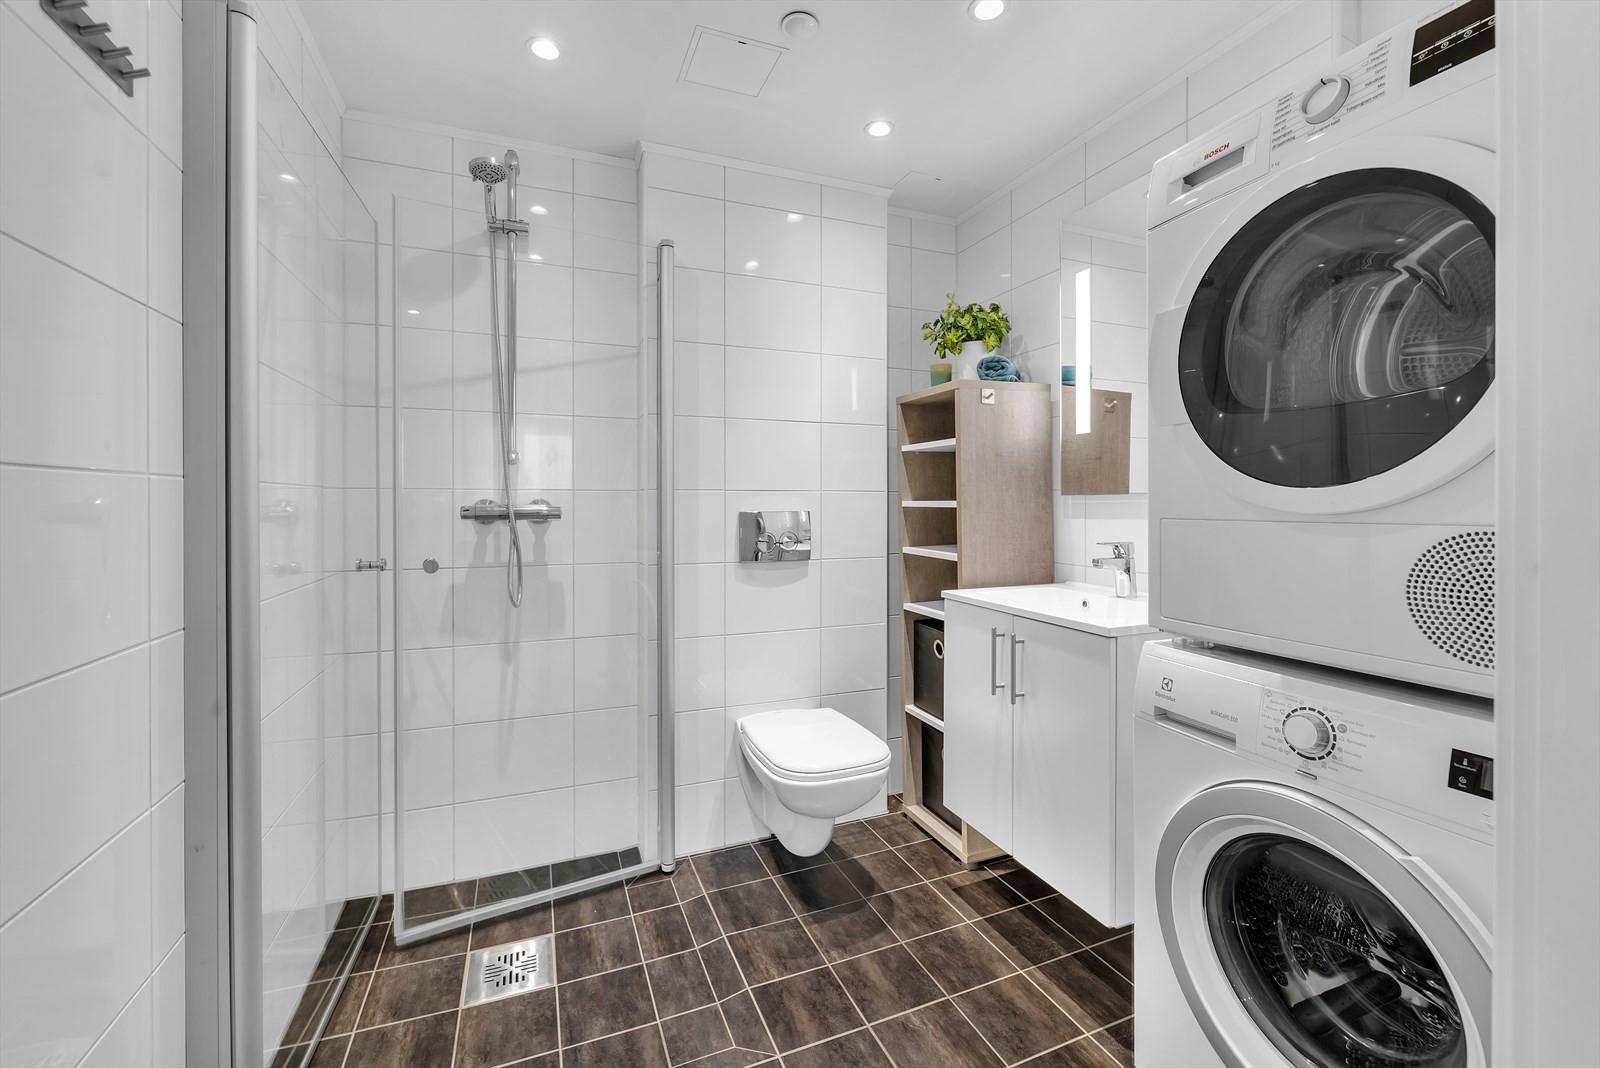 Flislagt bad med gulvvarme. Innslagbare dusjvegger. Speil med belysning.